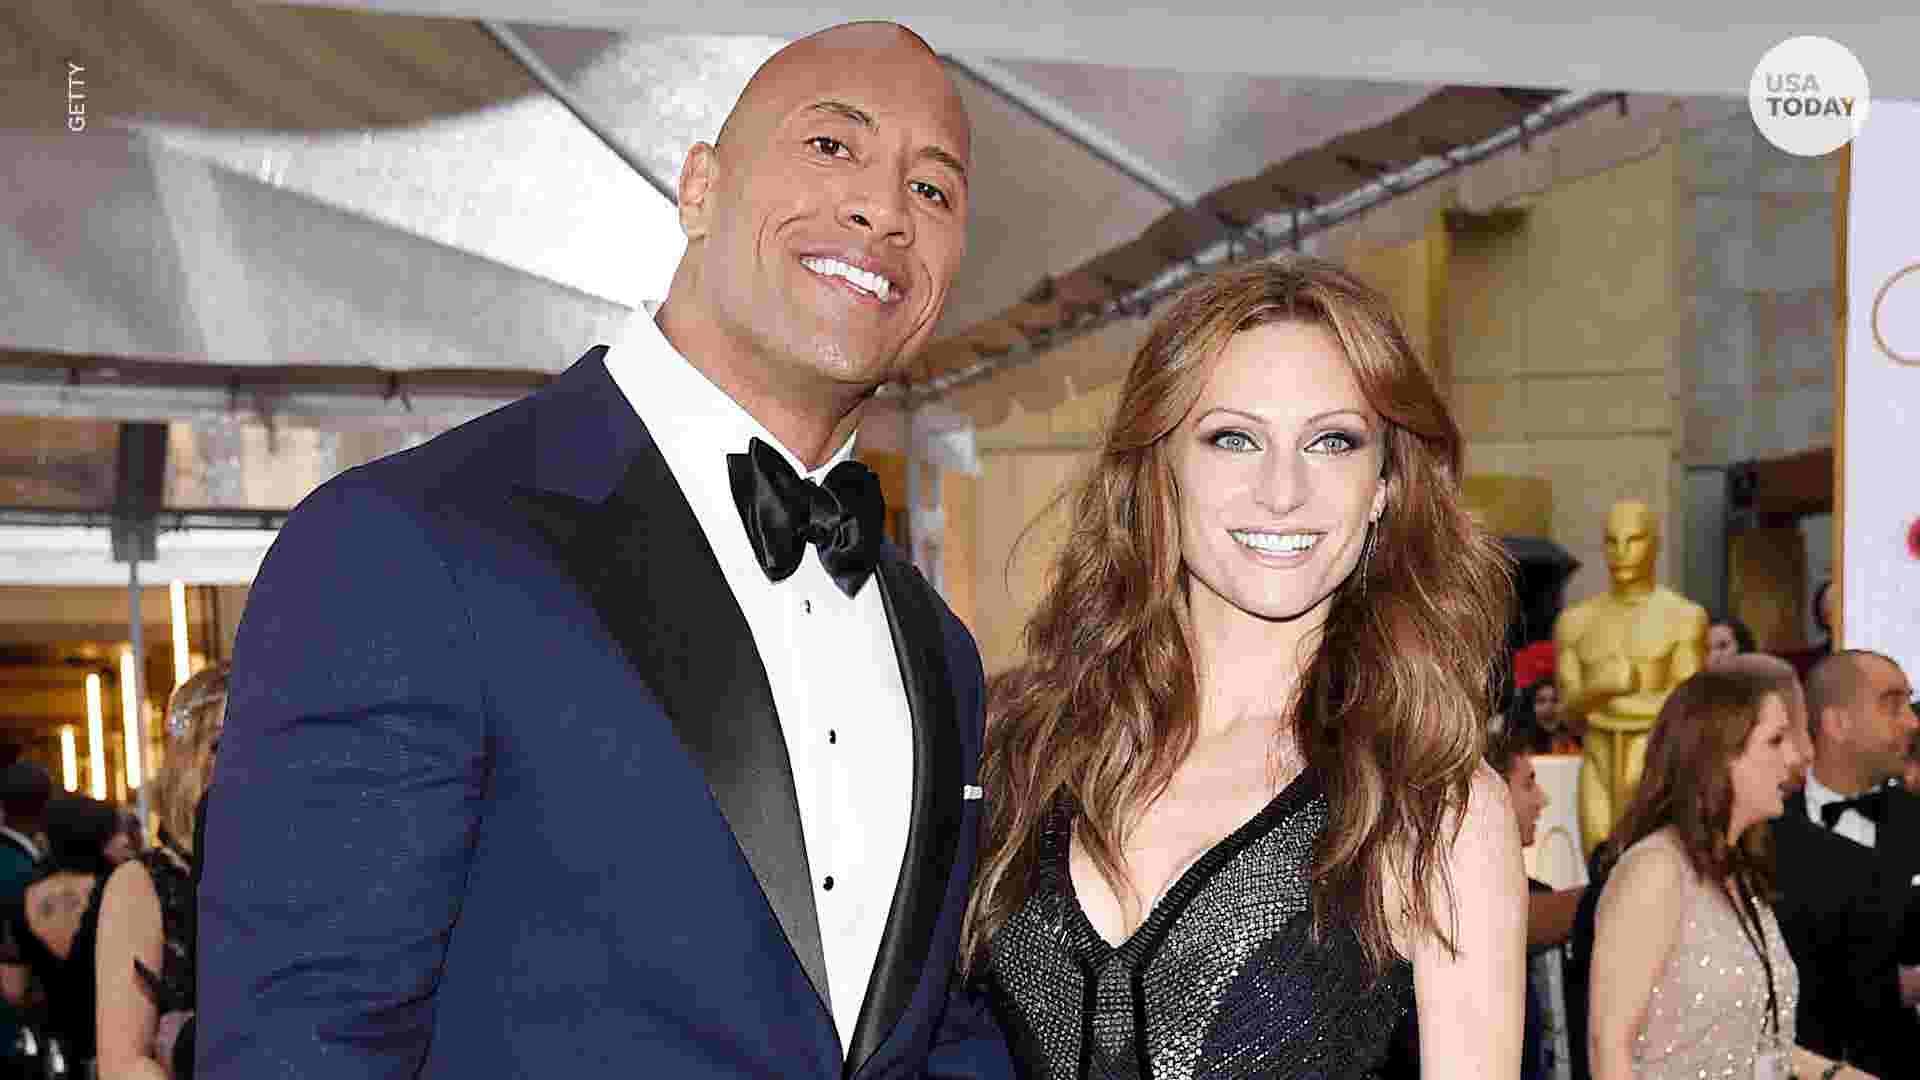 Dwayne 'The Rock' Johnson marries longtime girlfriend Lauren Hashian in  Hawaii